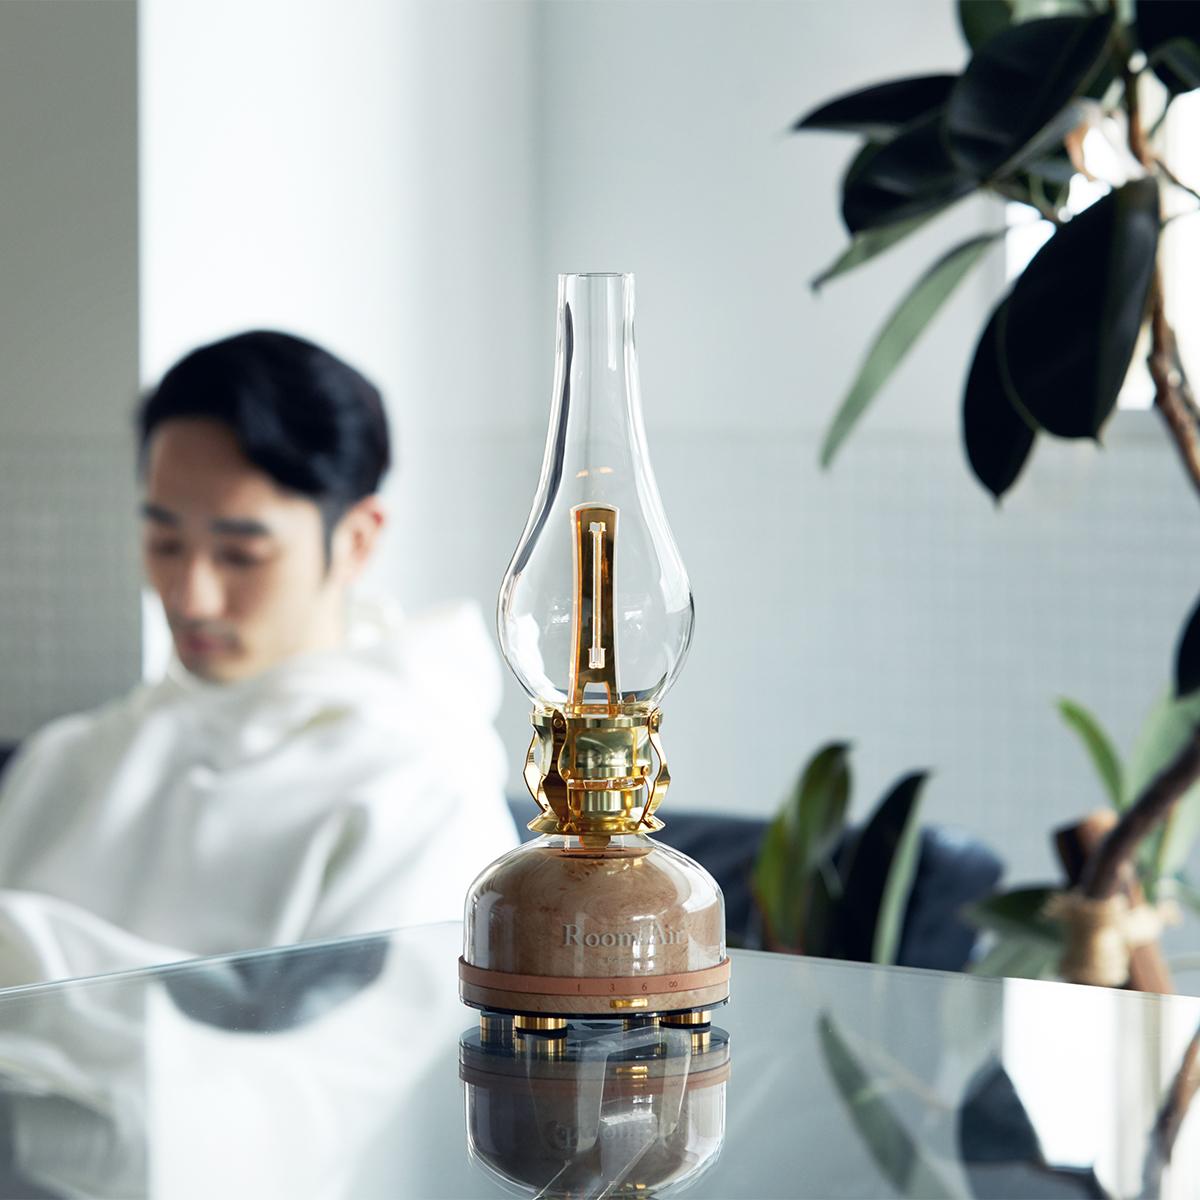 温かみある光、美しい木目の台座、すべてを包み込むつややかなガラスフレーム。日本初、特許のUVランプでウイルス・菌を不活化させる「オゾン発生器・間接照明ランプ」|RoomiAir